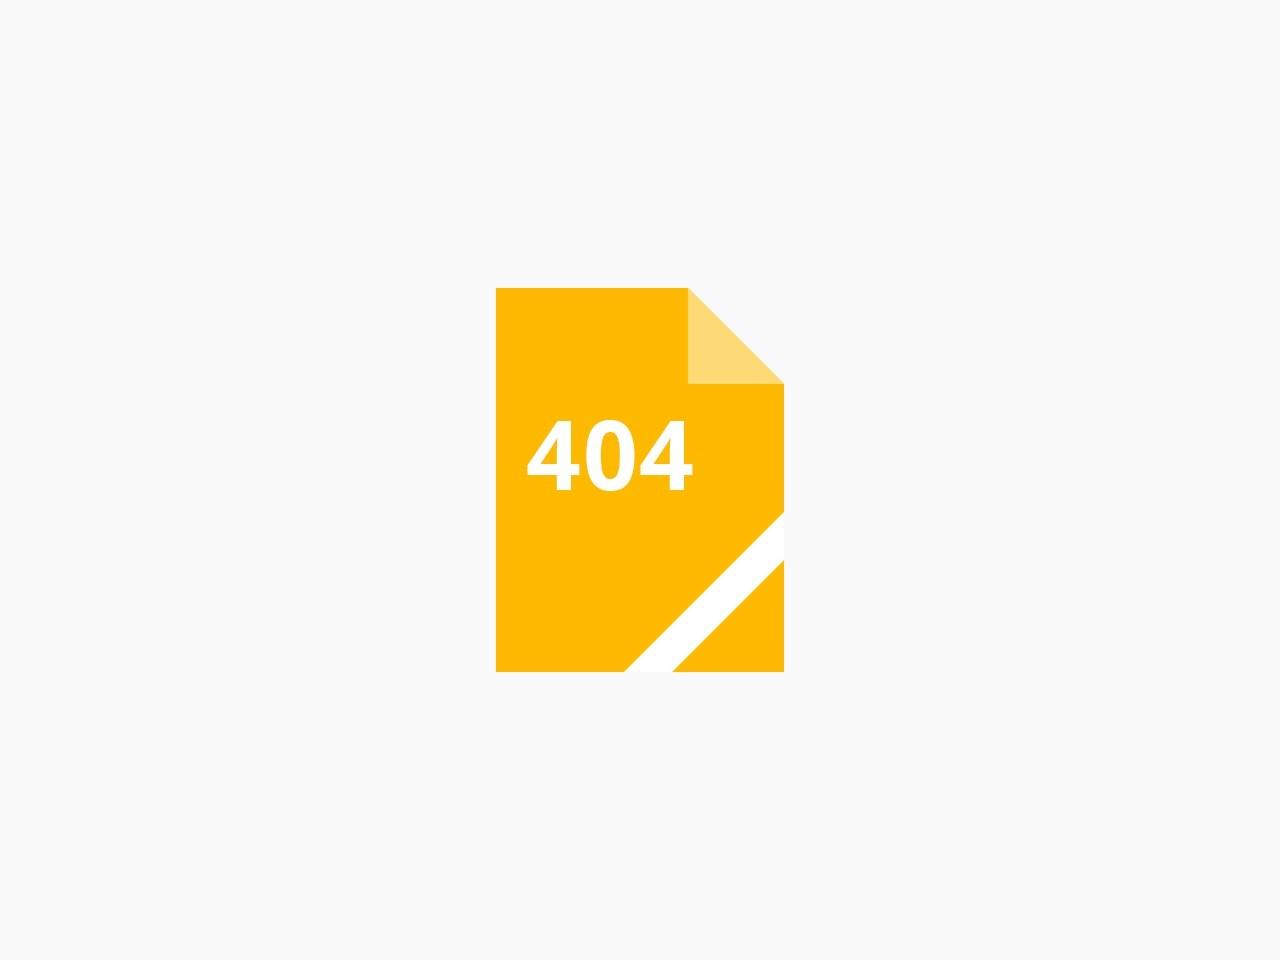 365网站目录